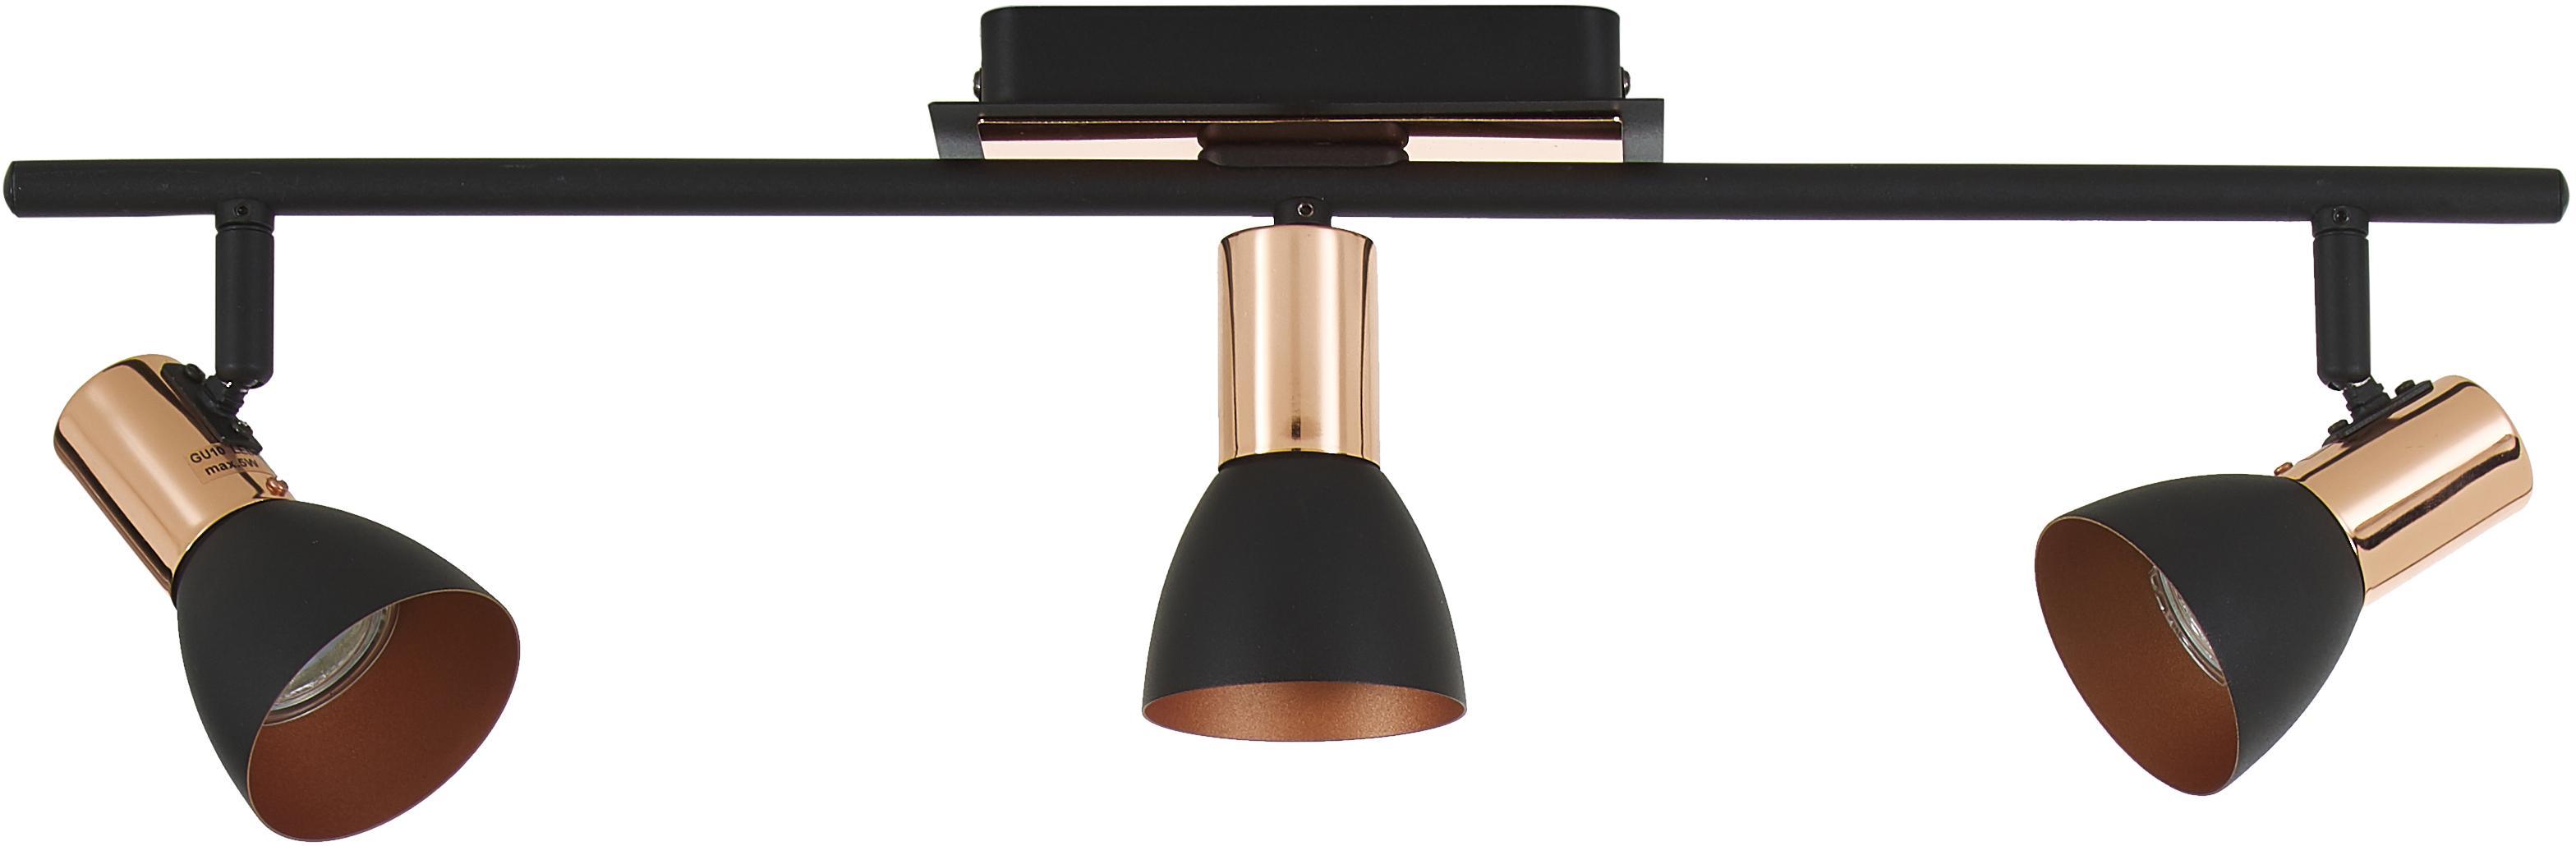 Lampa sufitowa Solaris, Mocowanie: czarny, miedź Klosz na zewnątrz: czarny, S 60 cm